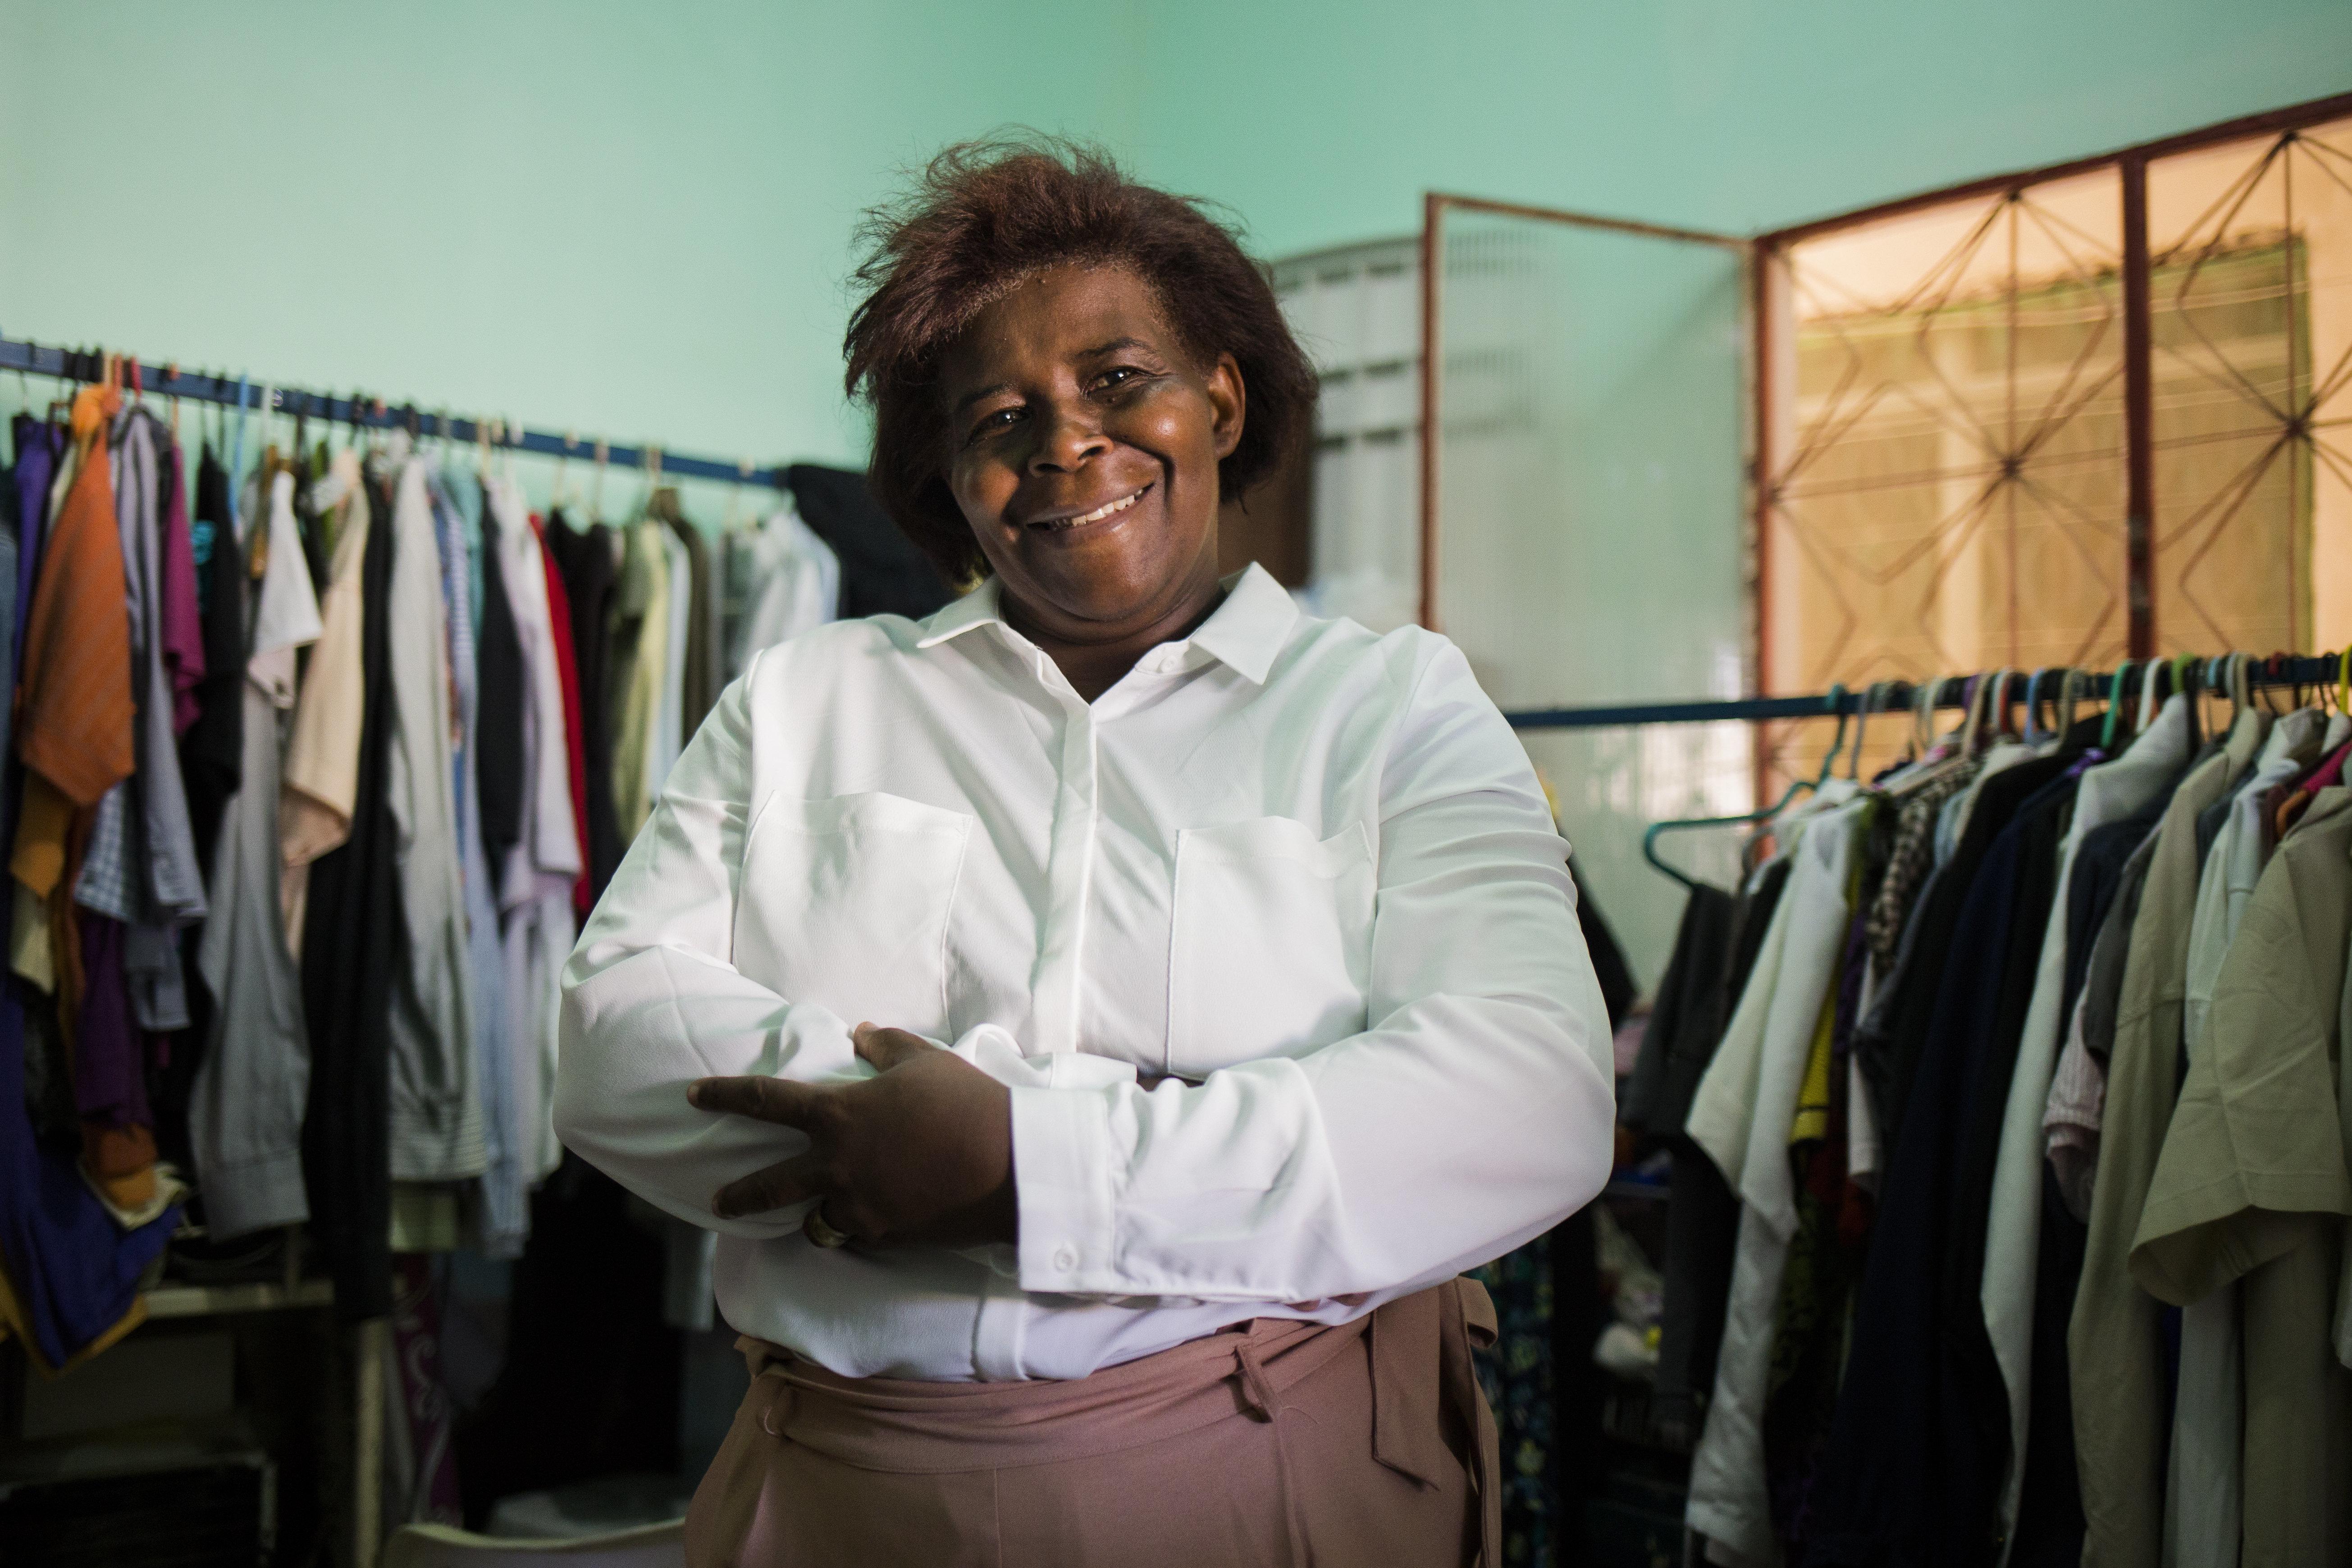 Sandra Santos, a cozinheira que ilumina a vida de mães de jovens infratores no